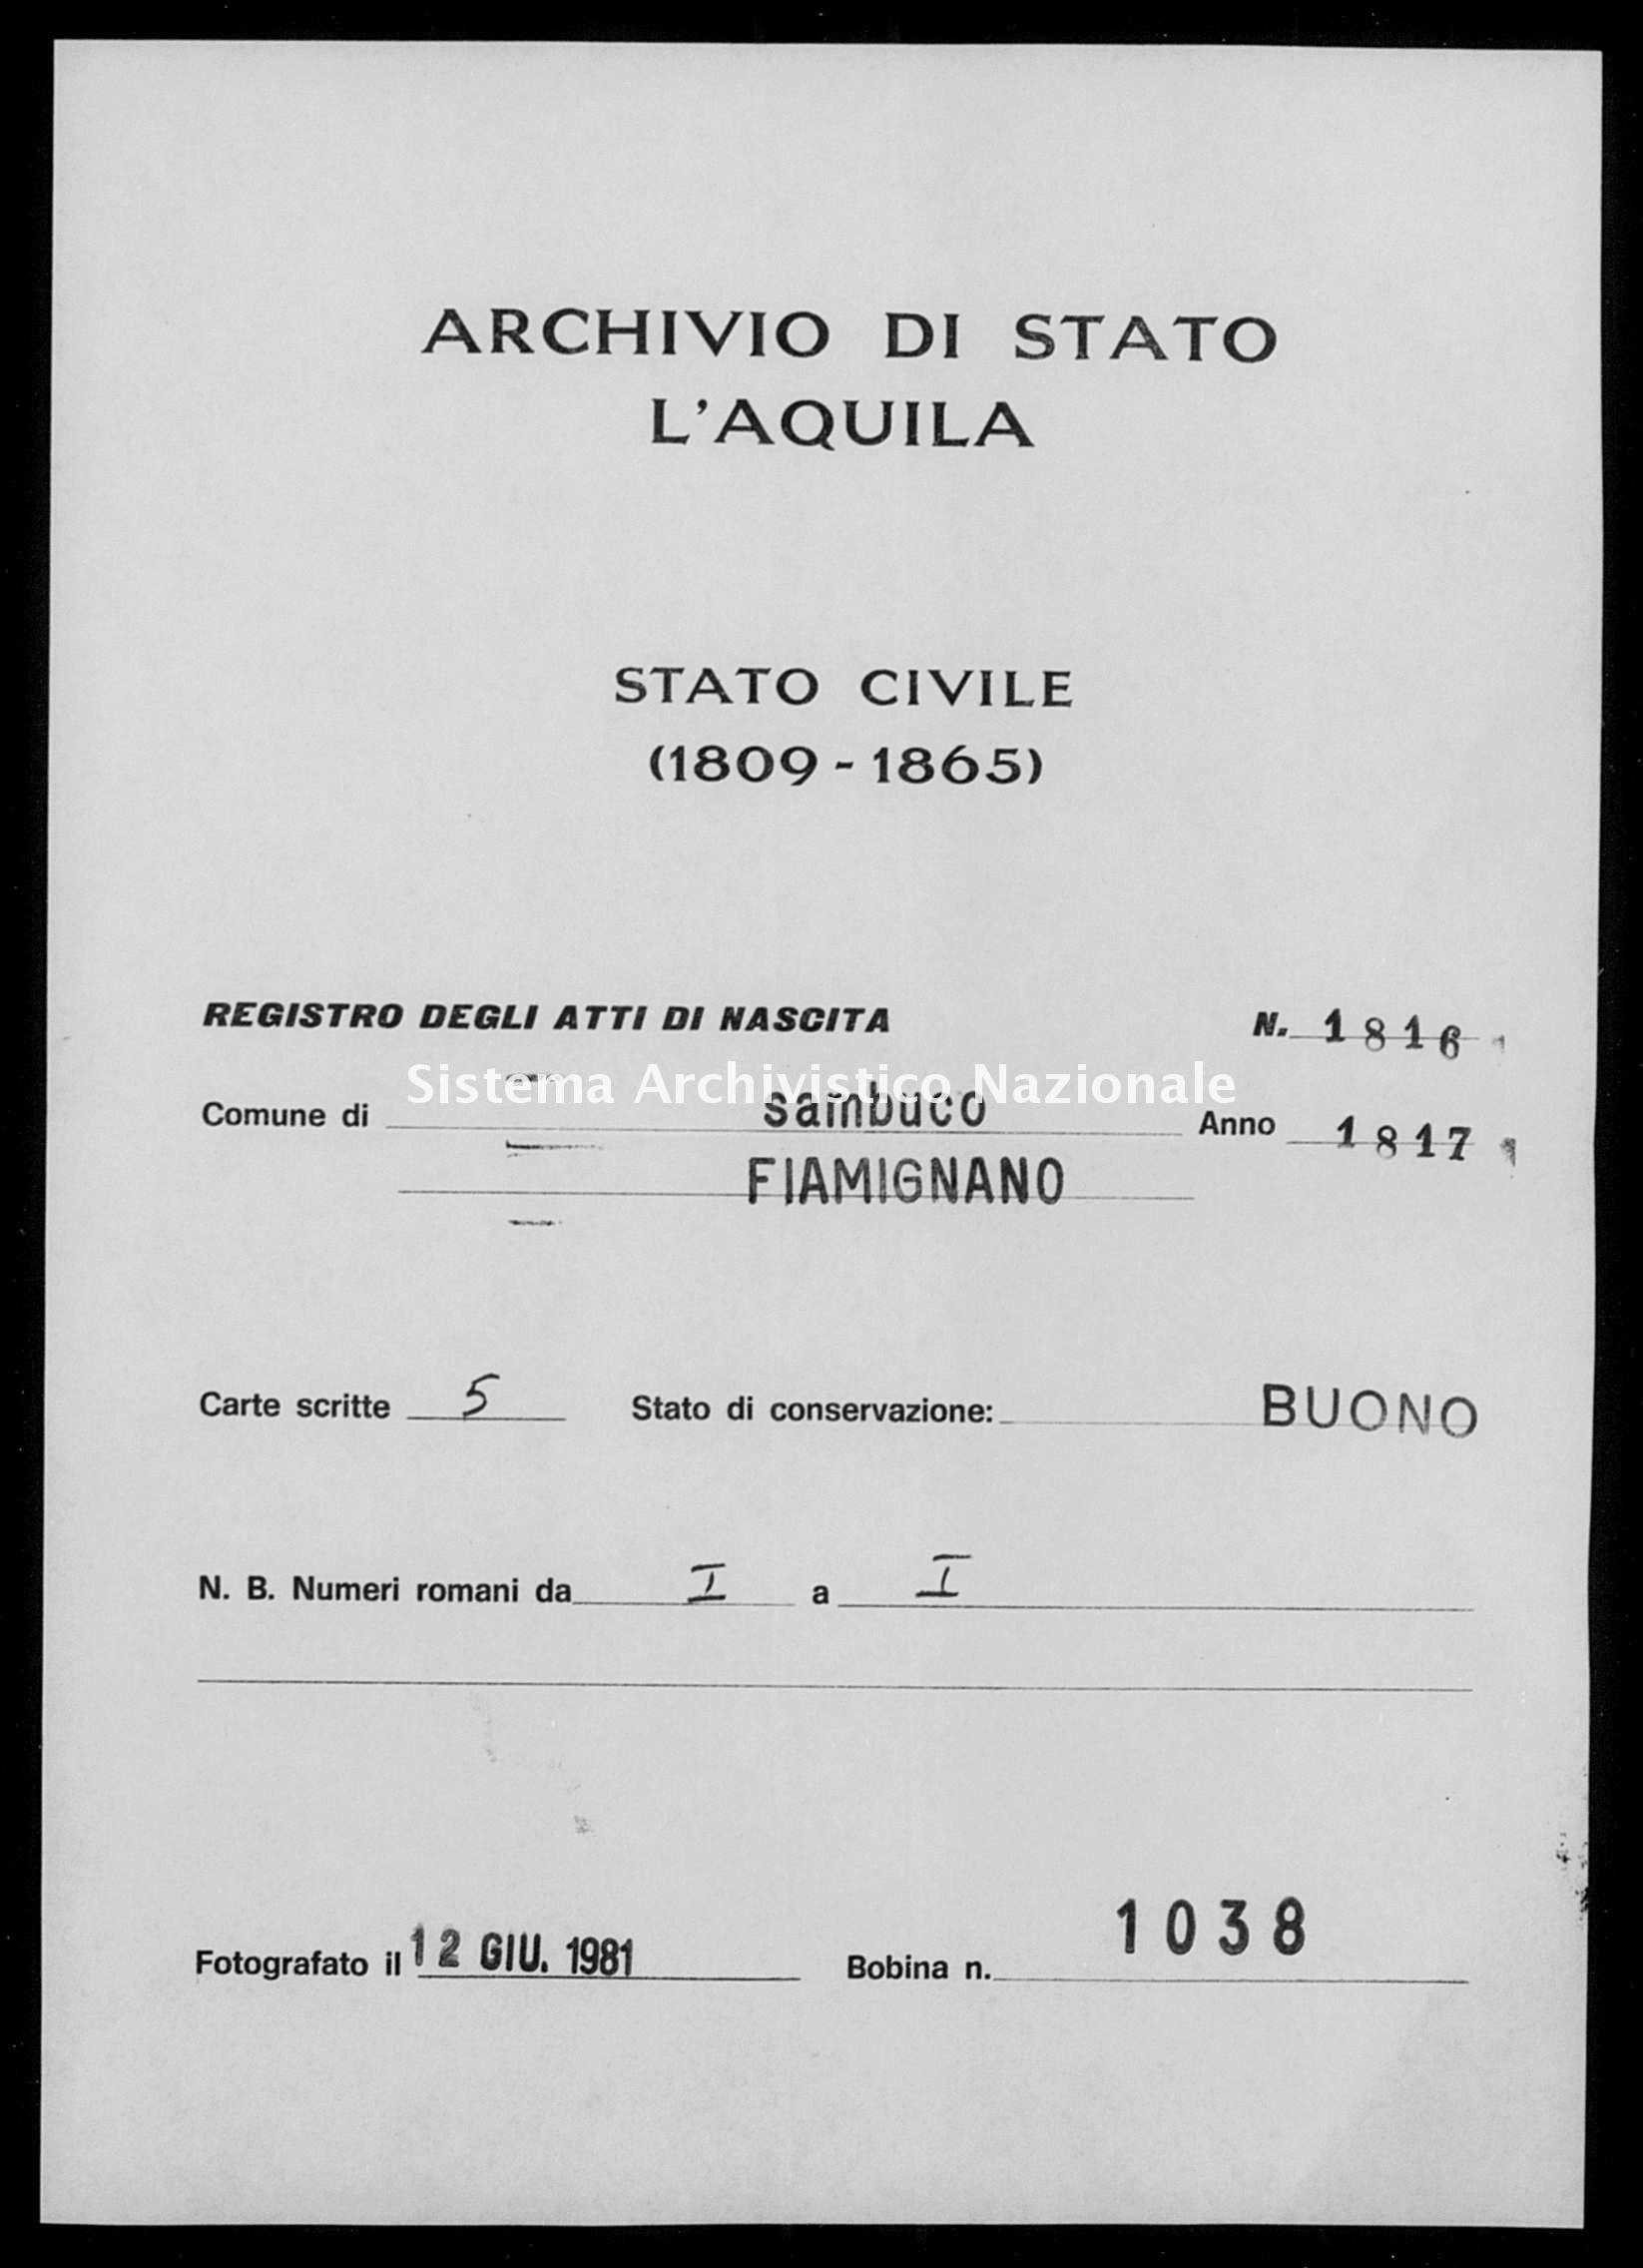 Archivio di stato di L'aquila - Stato civile della restaurazione - Sambuco - Nati - 1817 - 1816 -